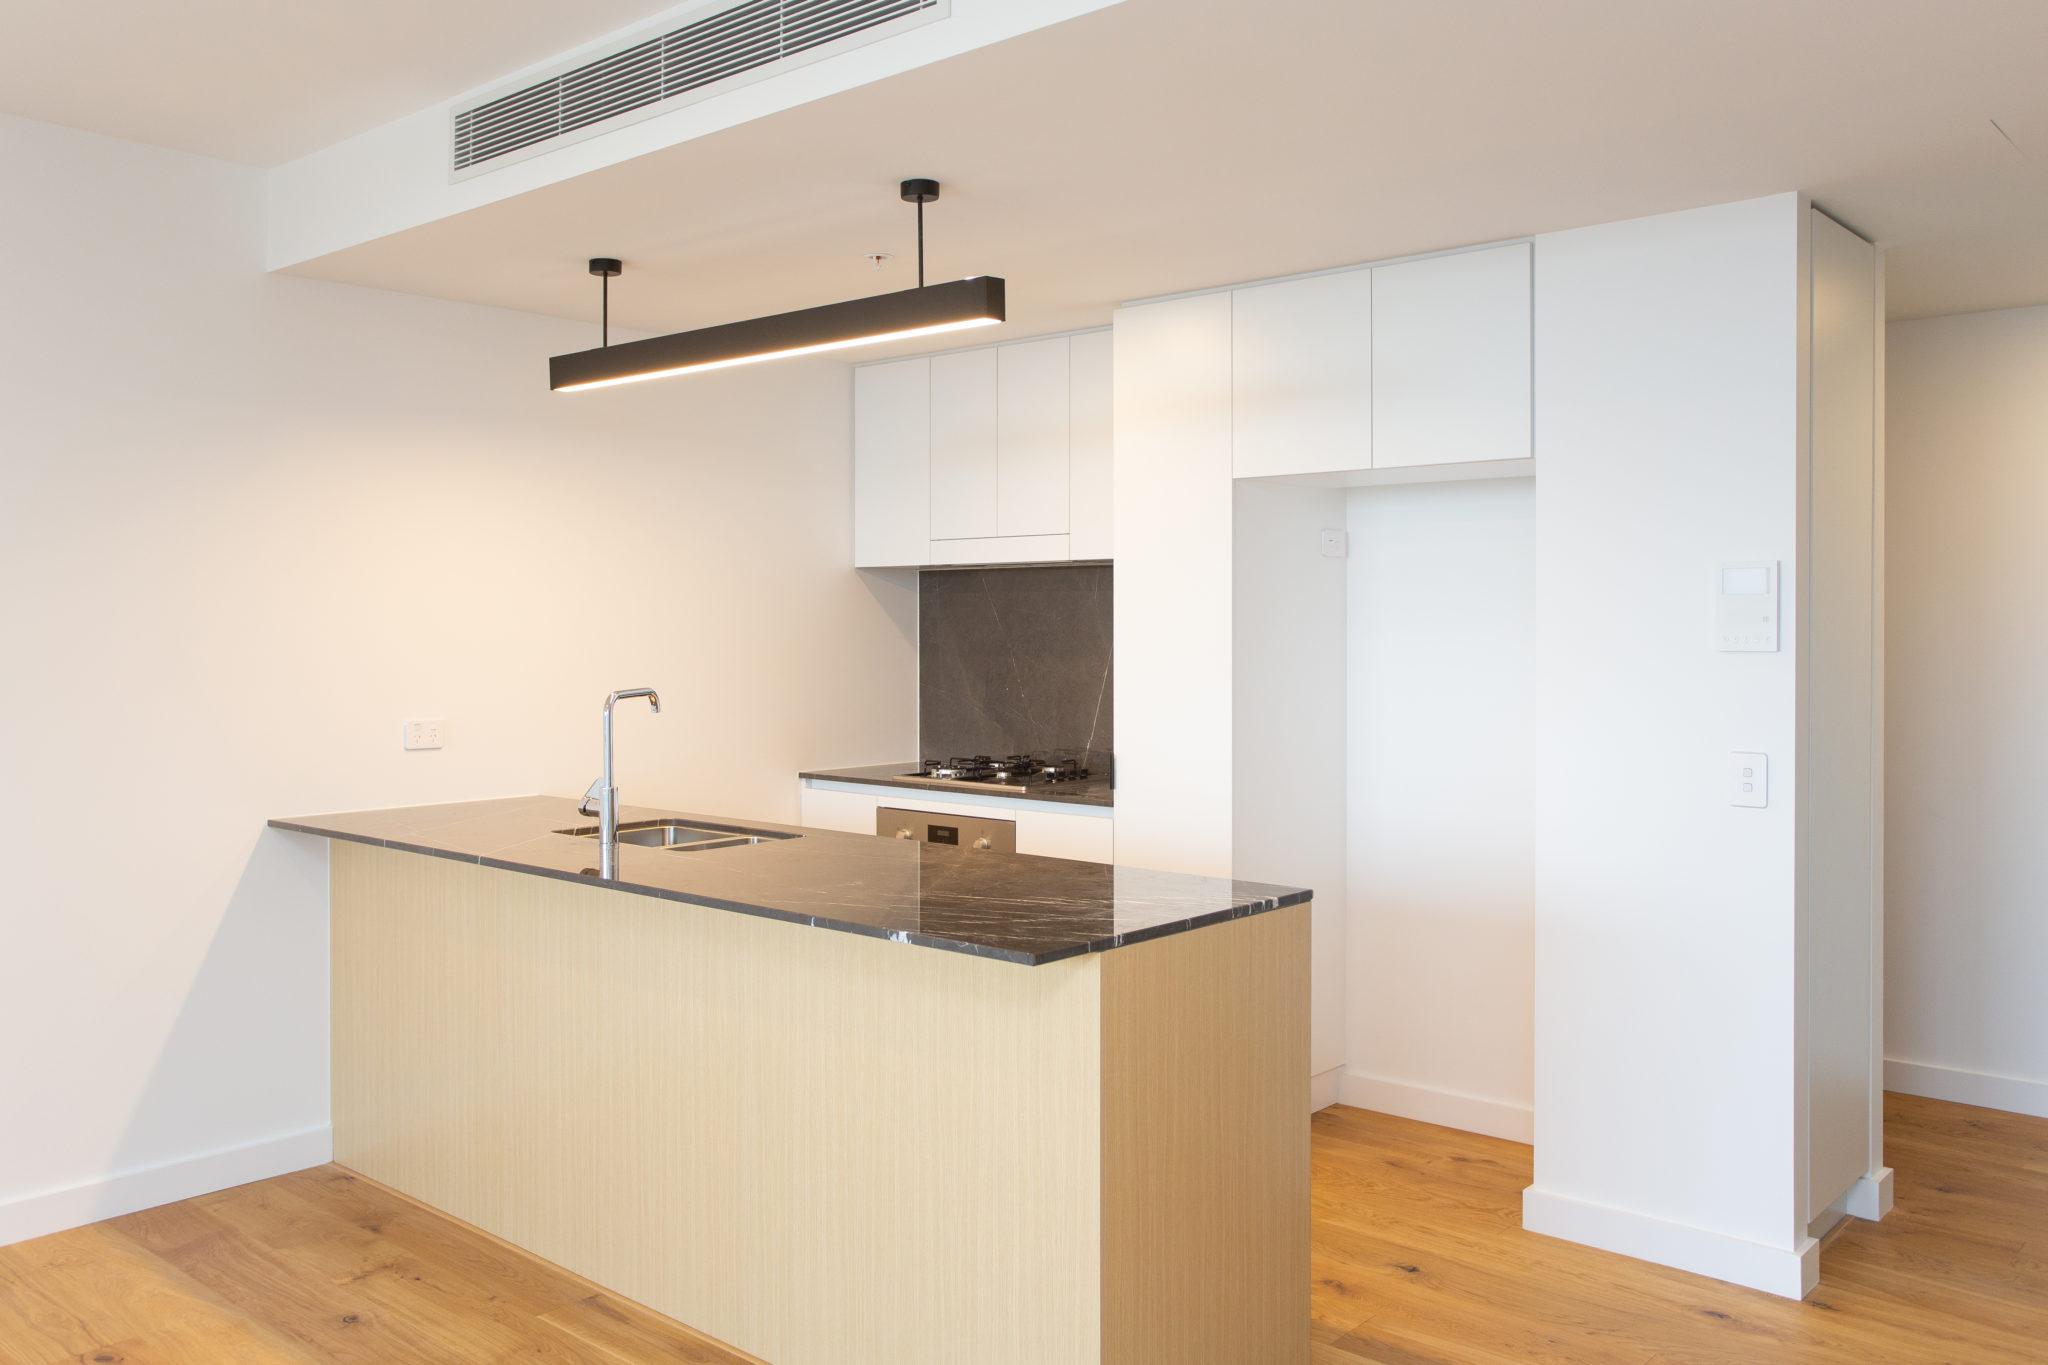 Apartment 12002 - 72sqm